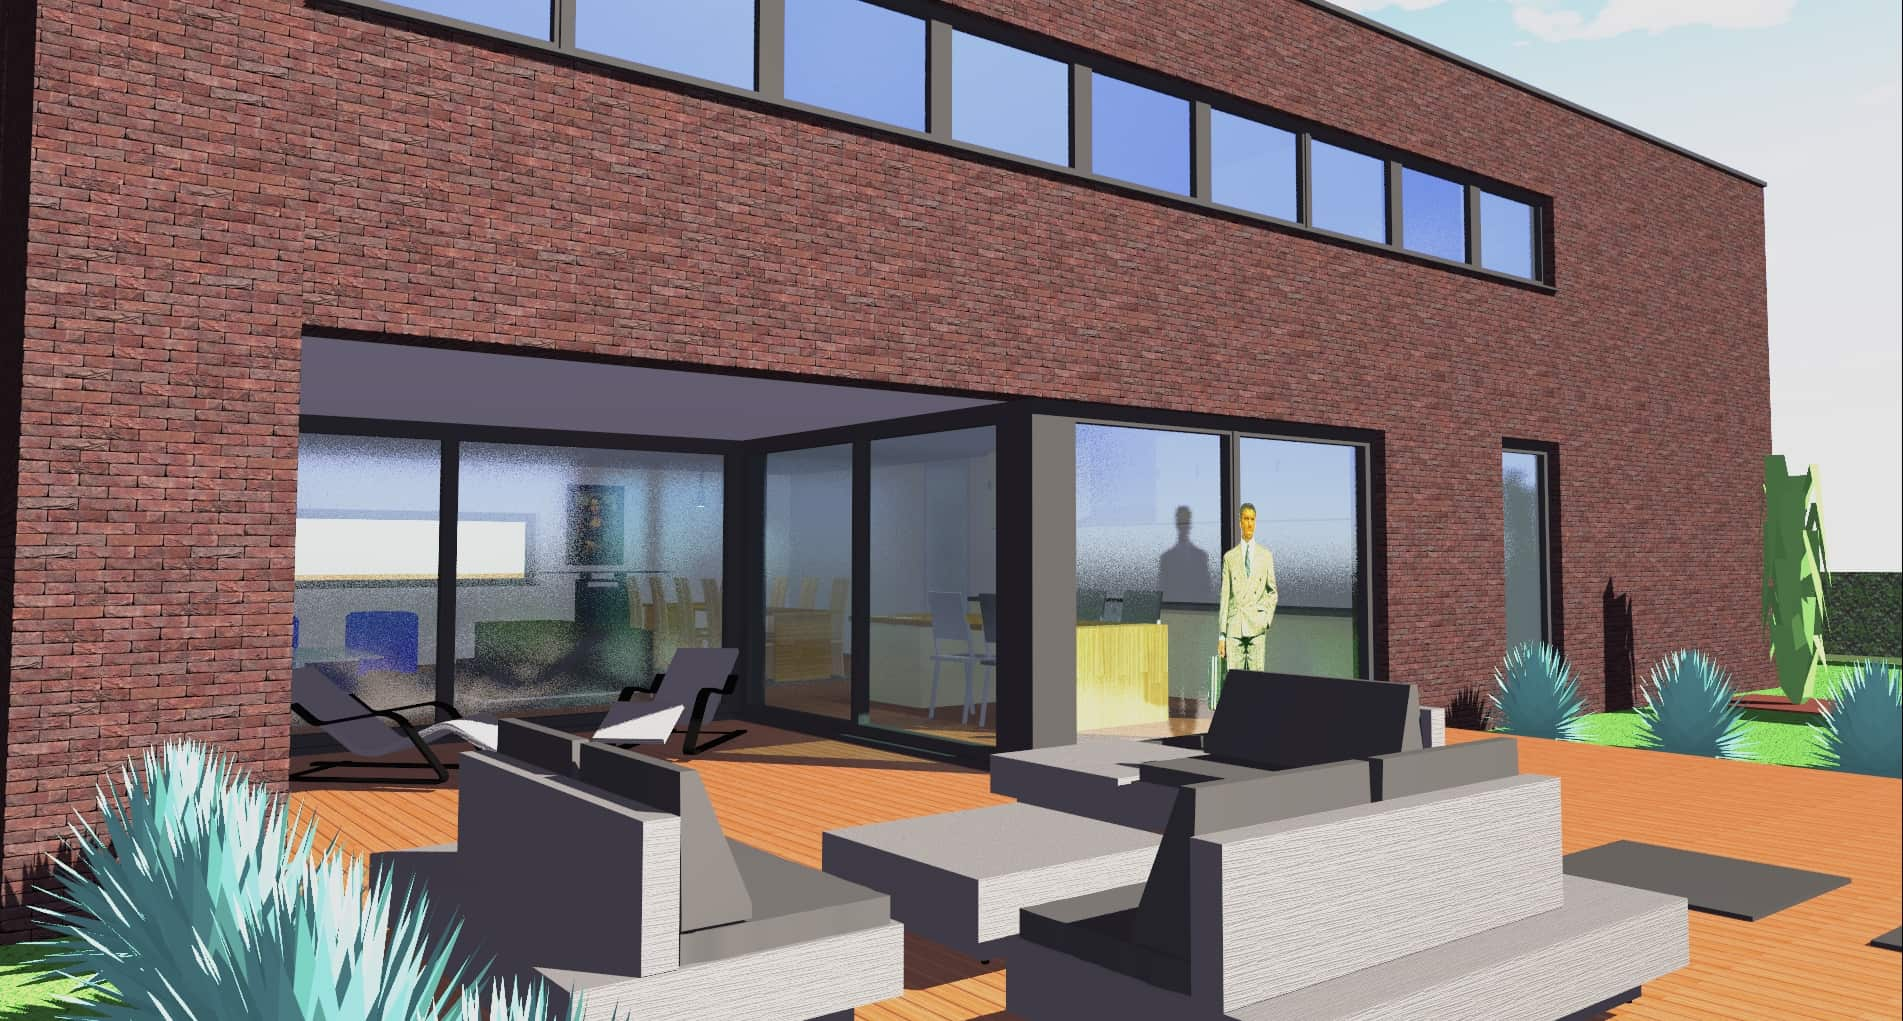 Detail afbeelding 5 van G-C   –   Loft woning – Genk | Ontwerp door architect Patrick Strackx